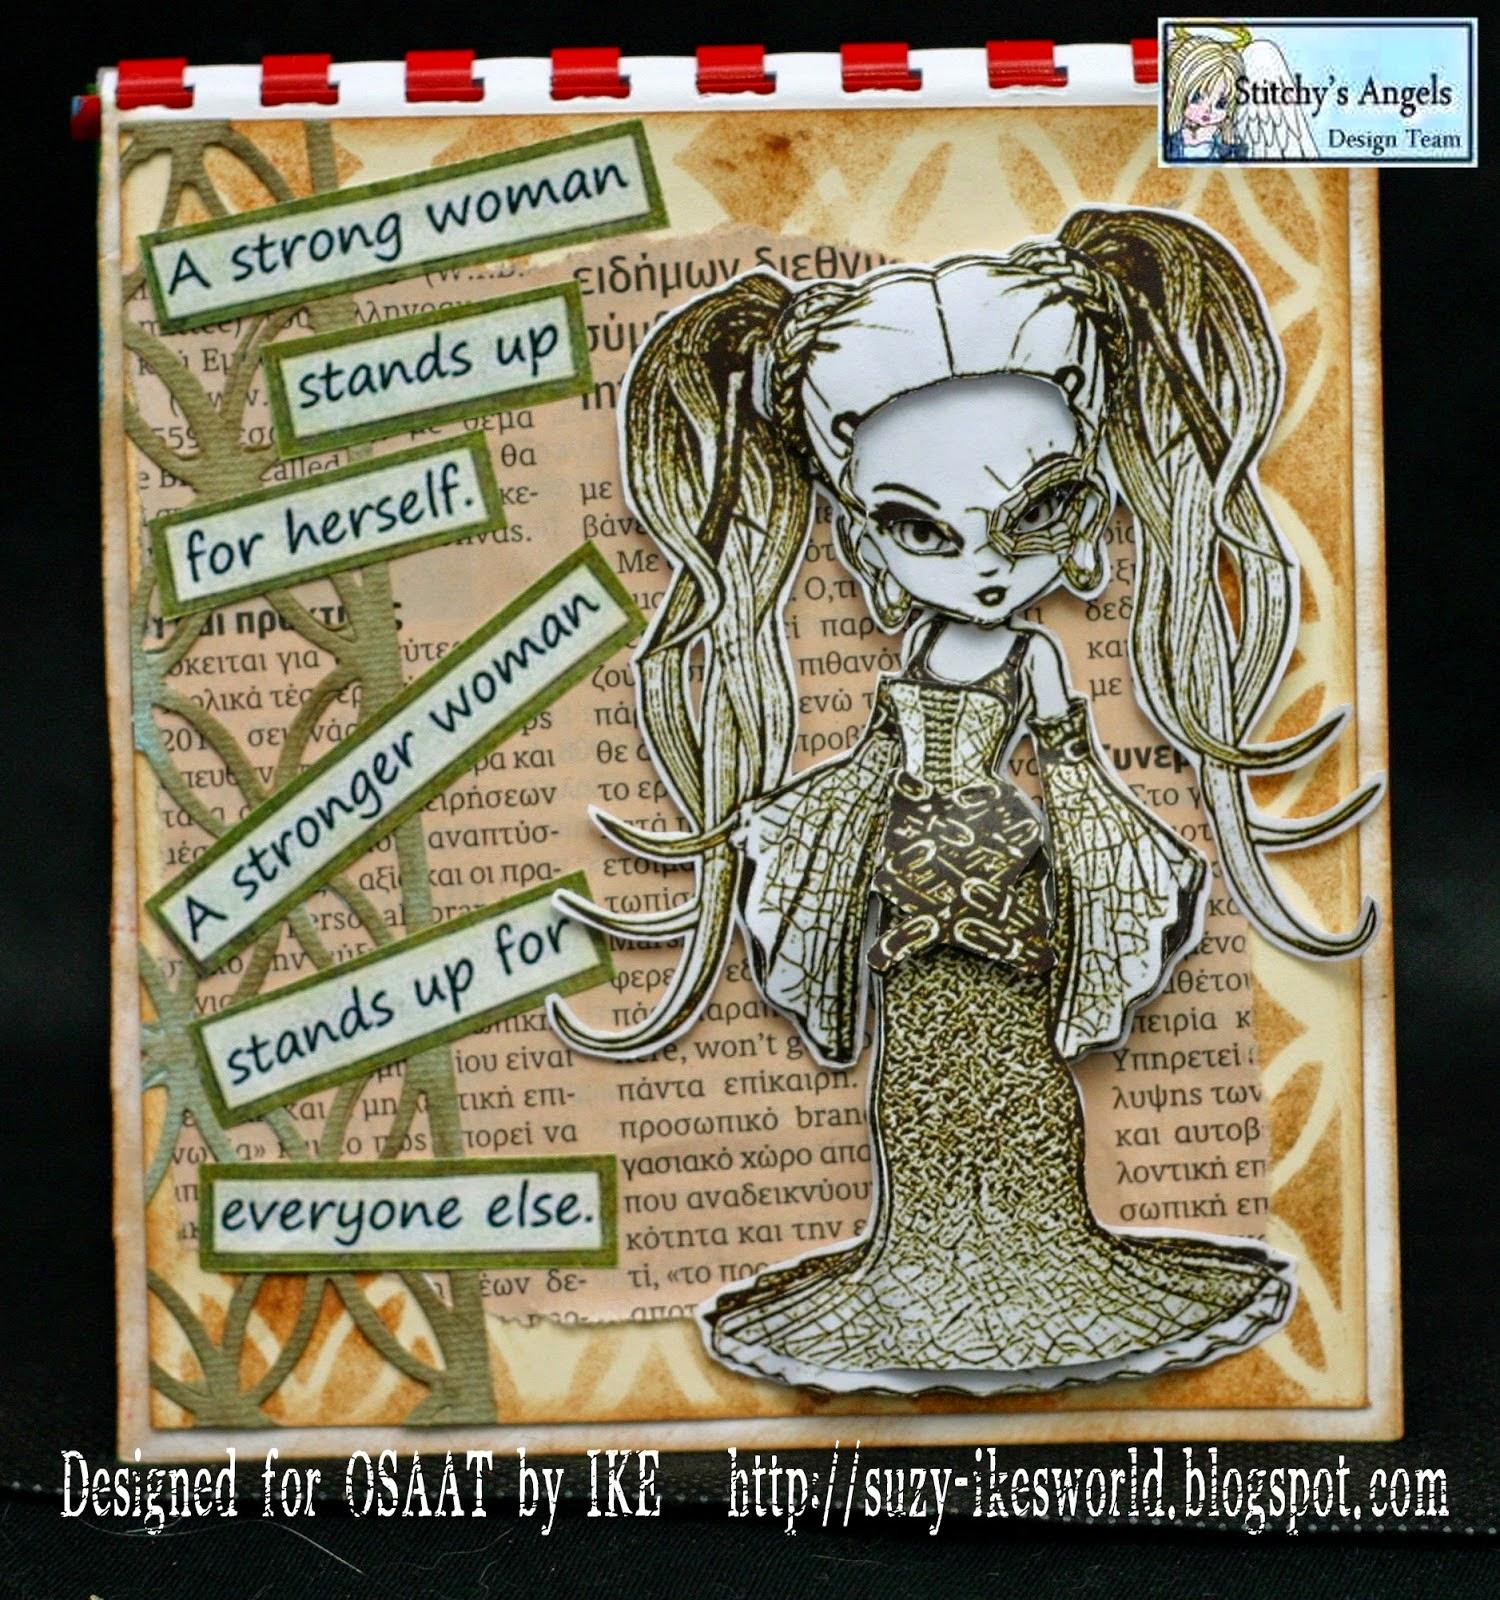 http://4.bp.blogspot.com/-NSQNCIMOmlo/VPADDaxpAXI/AAAAAAAAKf4/IZNGfWHNdGM/s1600/ike.jpg